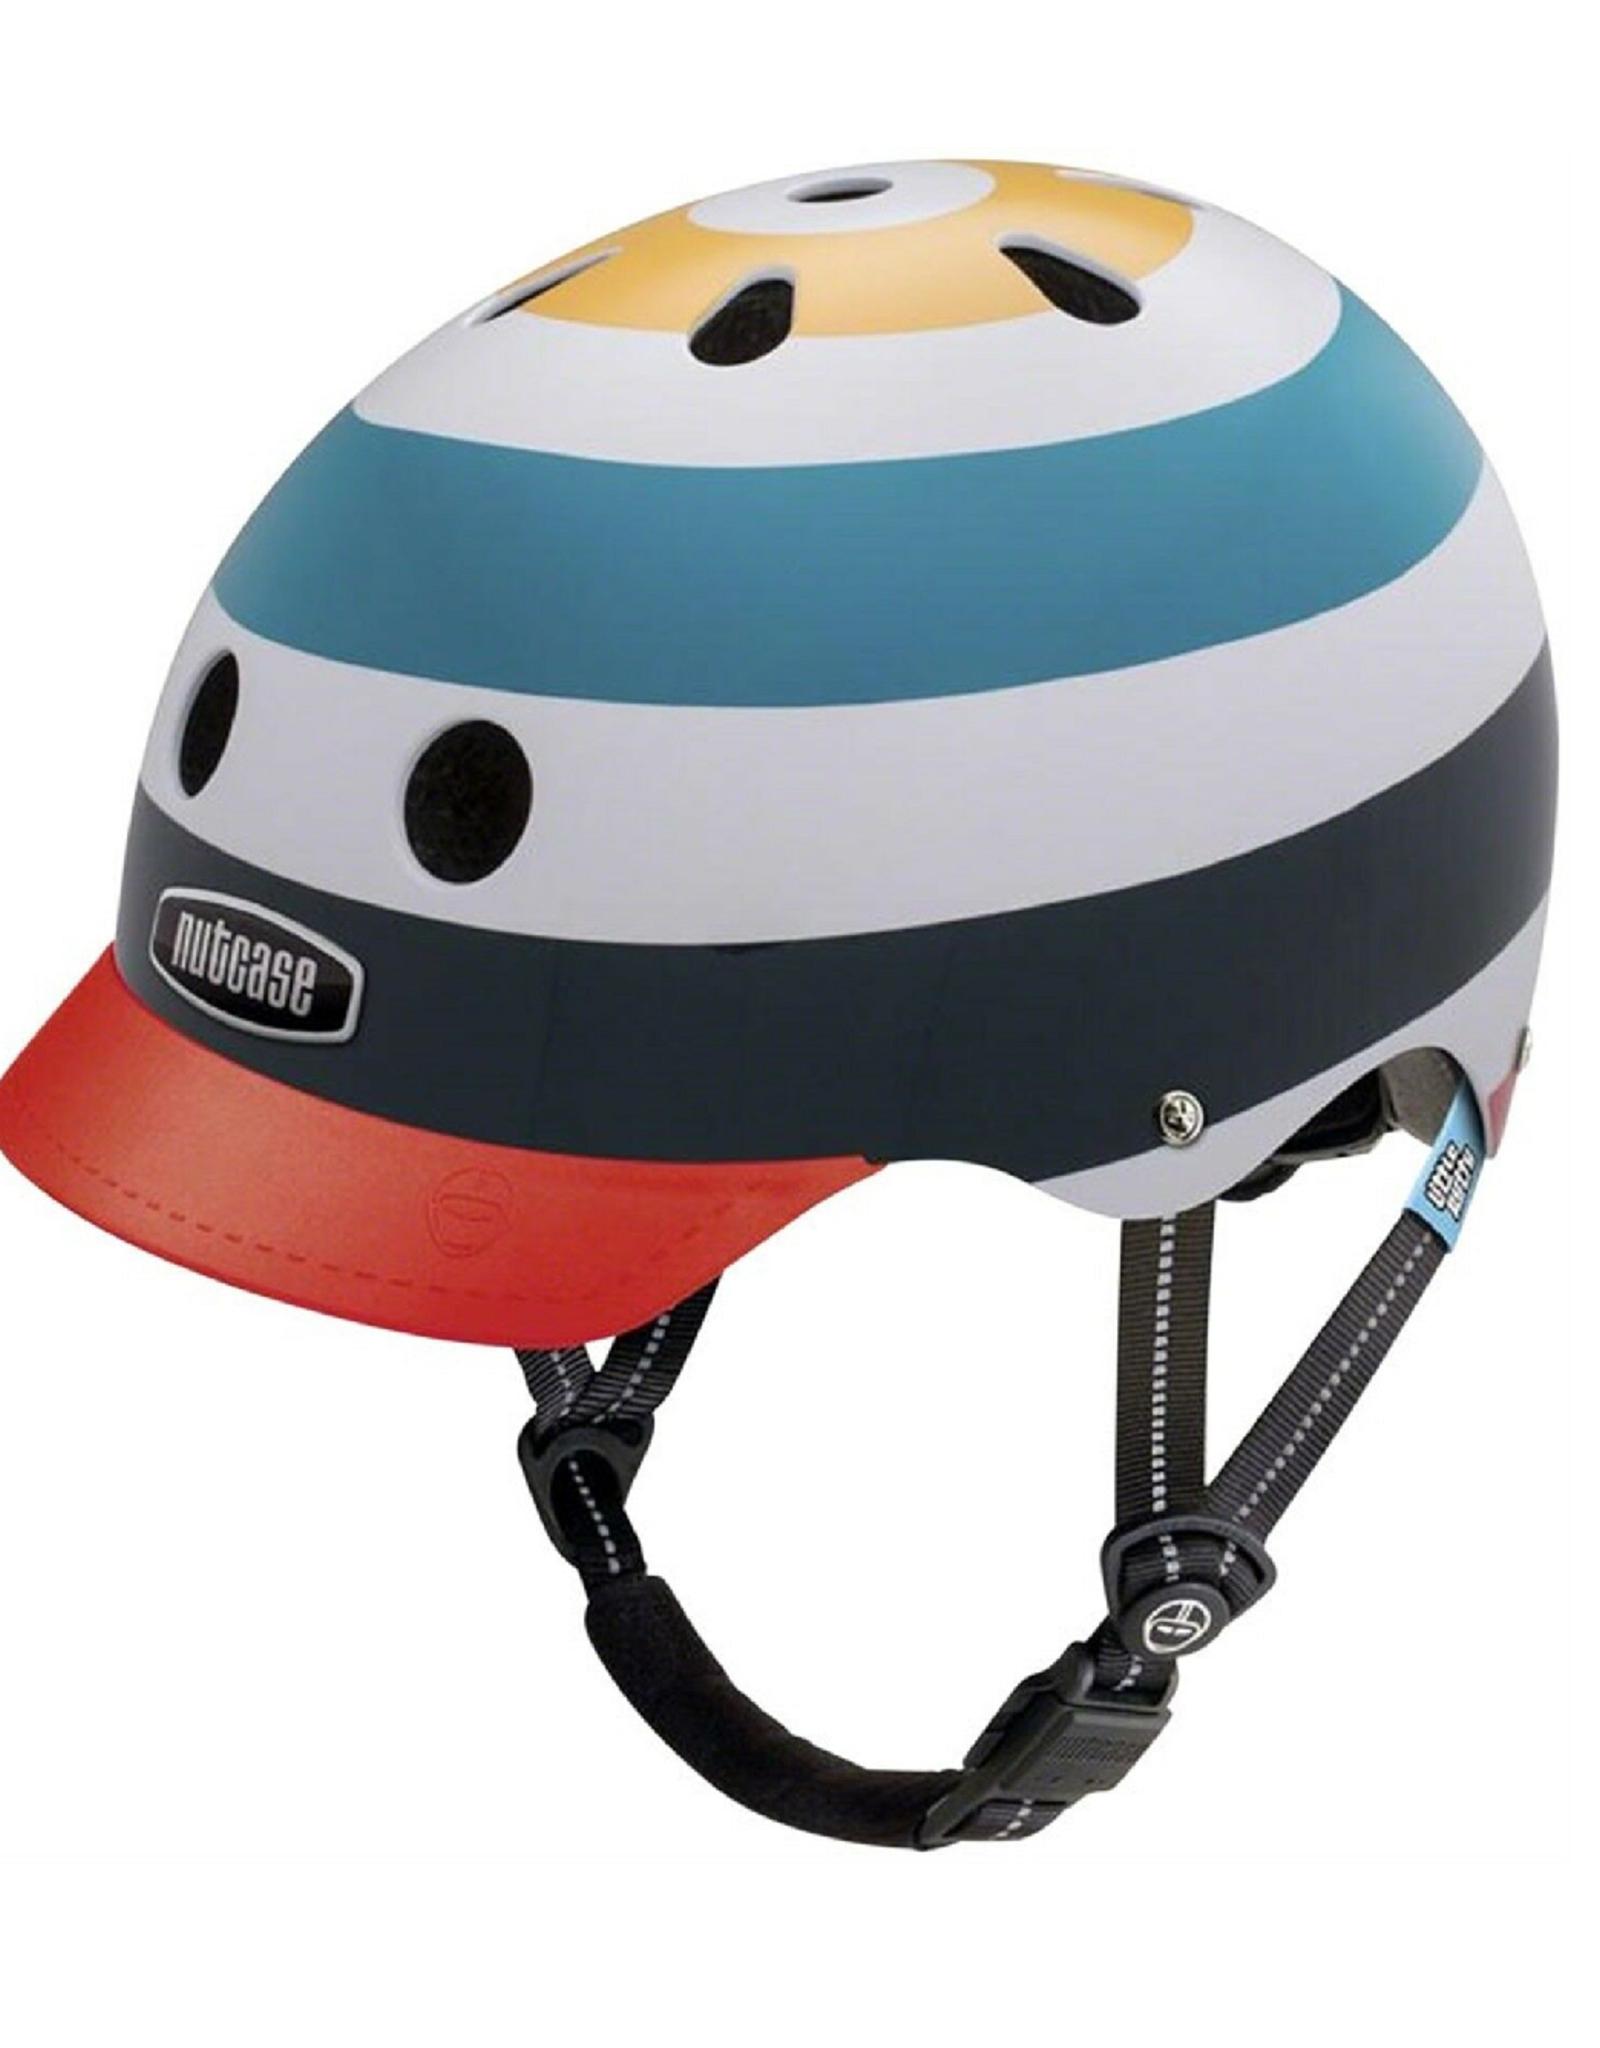 Nutcase Helmet - Nutcase Little Nutty Radio Wave Street